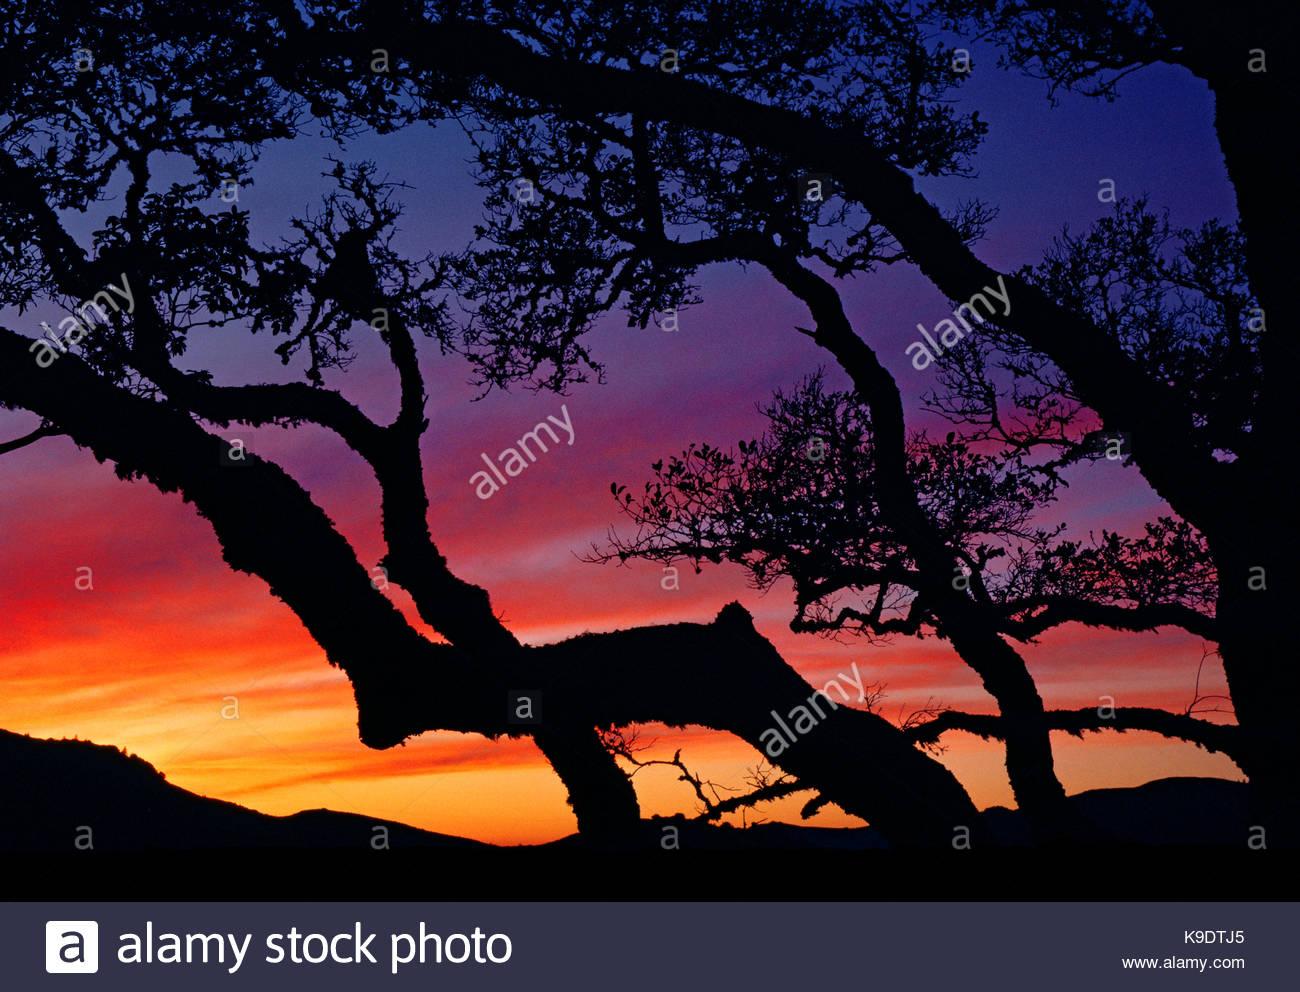 Eiche bei Sonnenuntergang, Marin County, Kalifornien Stockbild